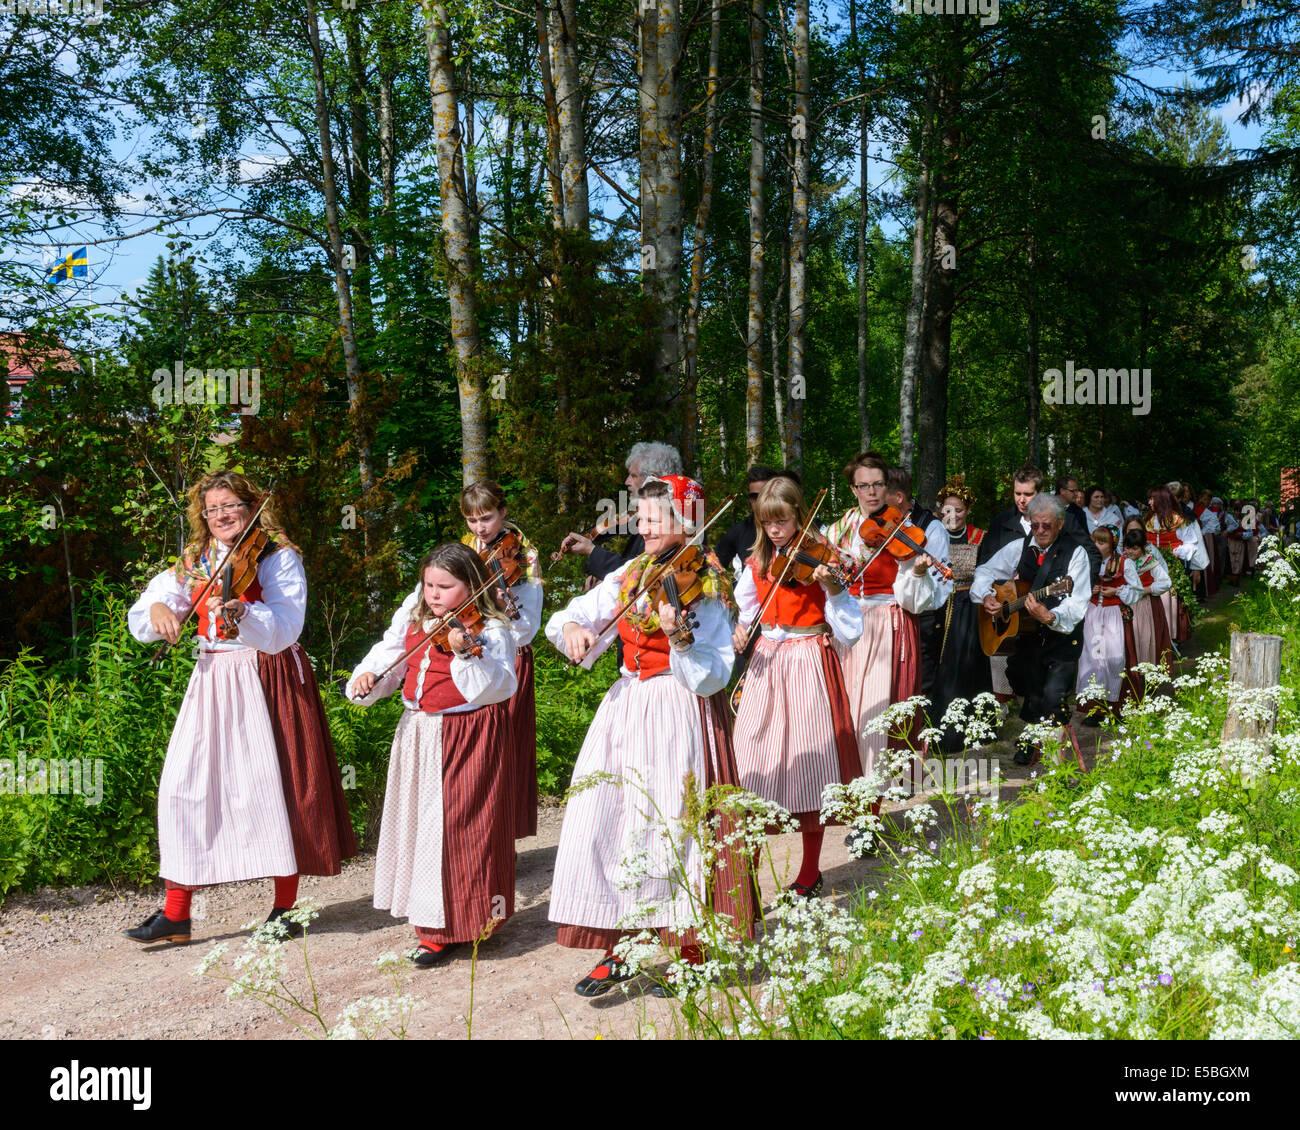 Midsummer celebrations, Sweden - Stock Image